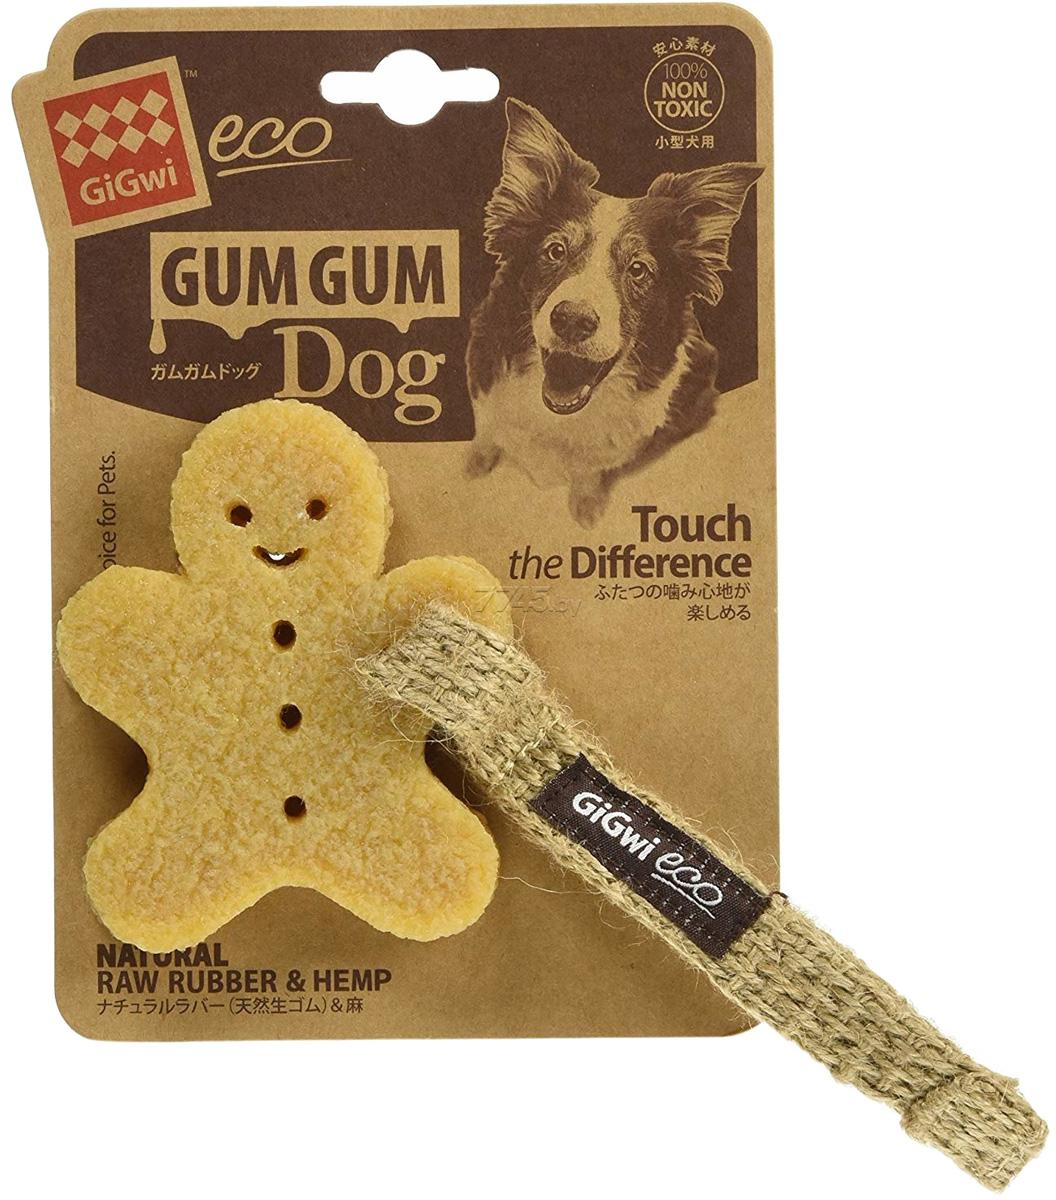 Игрушка для собак GiGwi Gum Gum Dog Пряник маленький 10 см (1 шт)